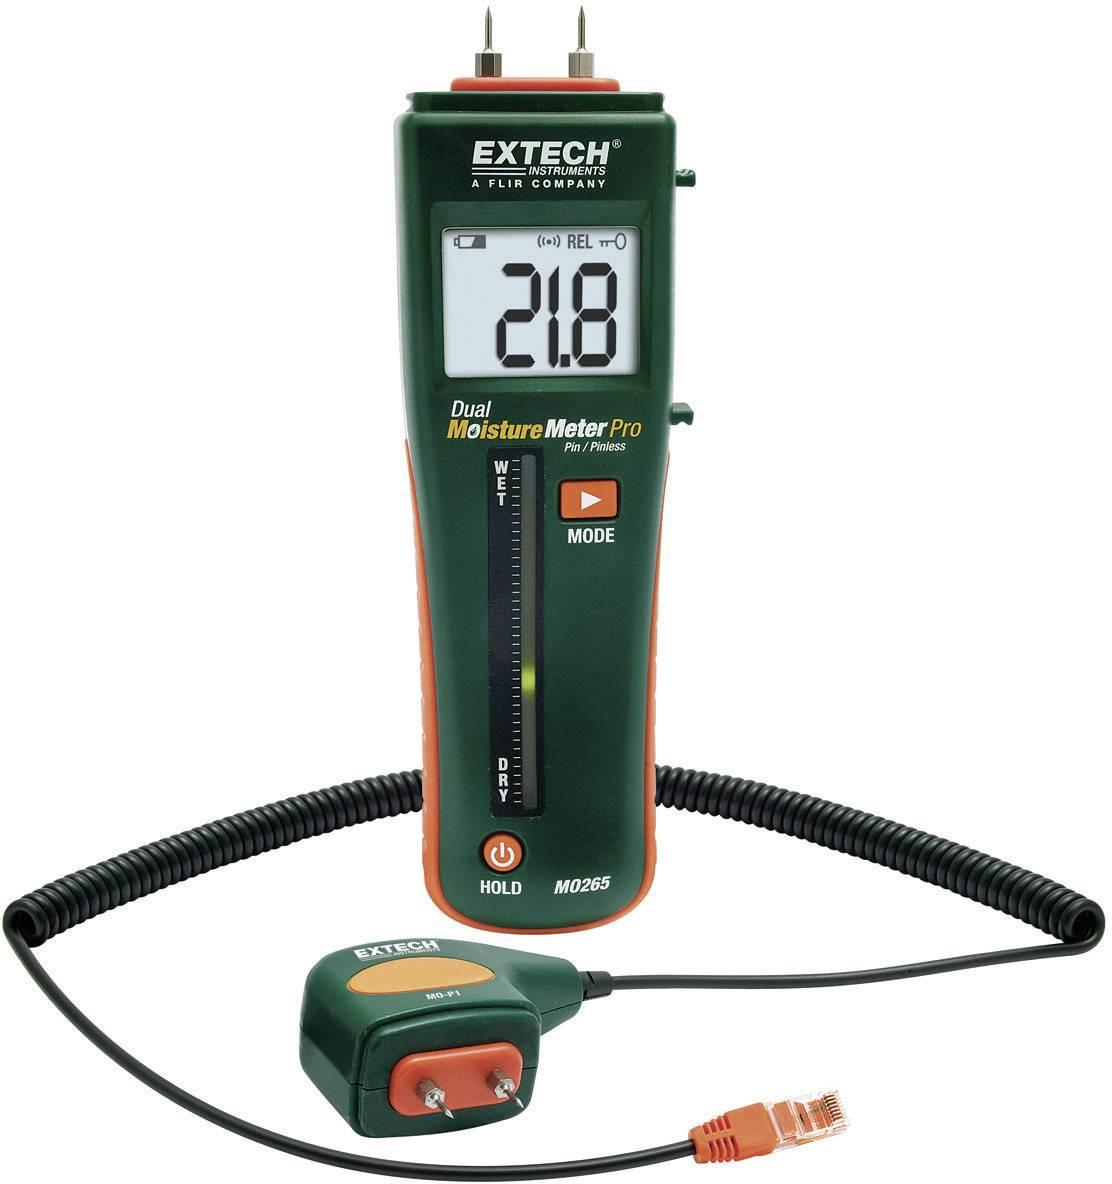 Merač vlhkosti stavebných materiálov Extech MO265